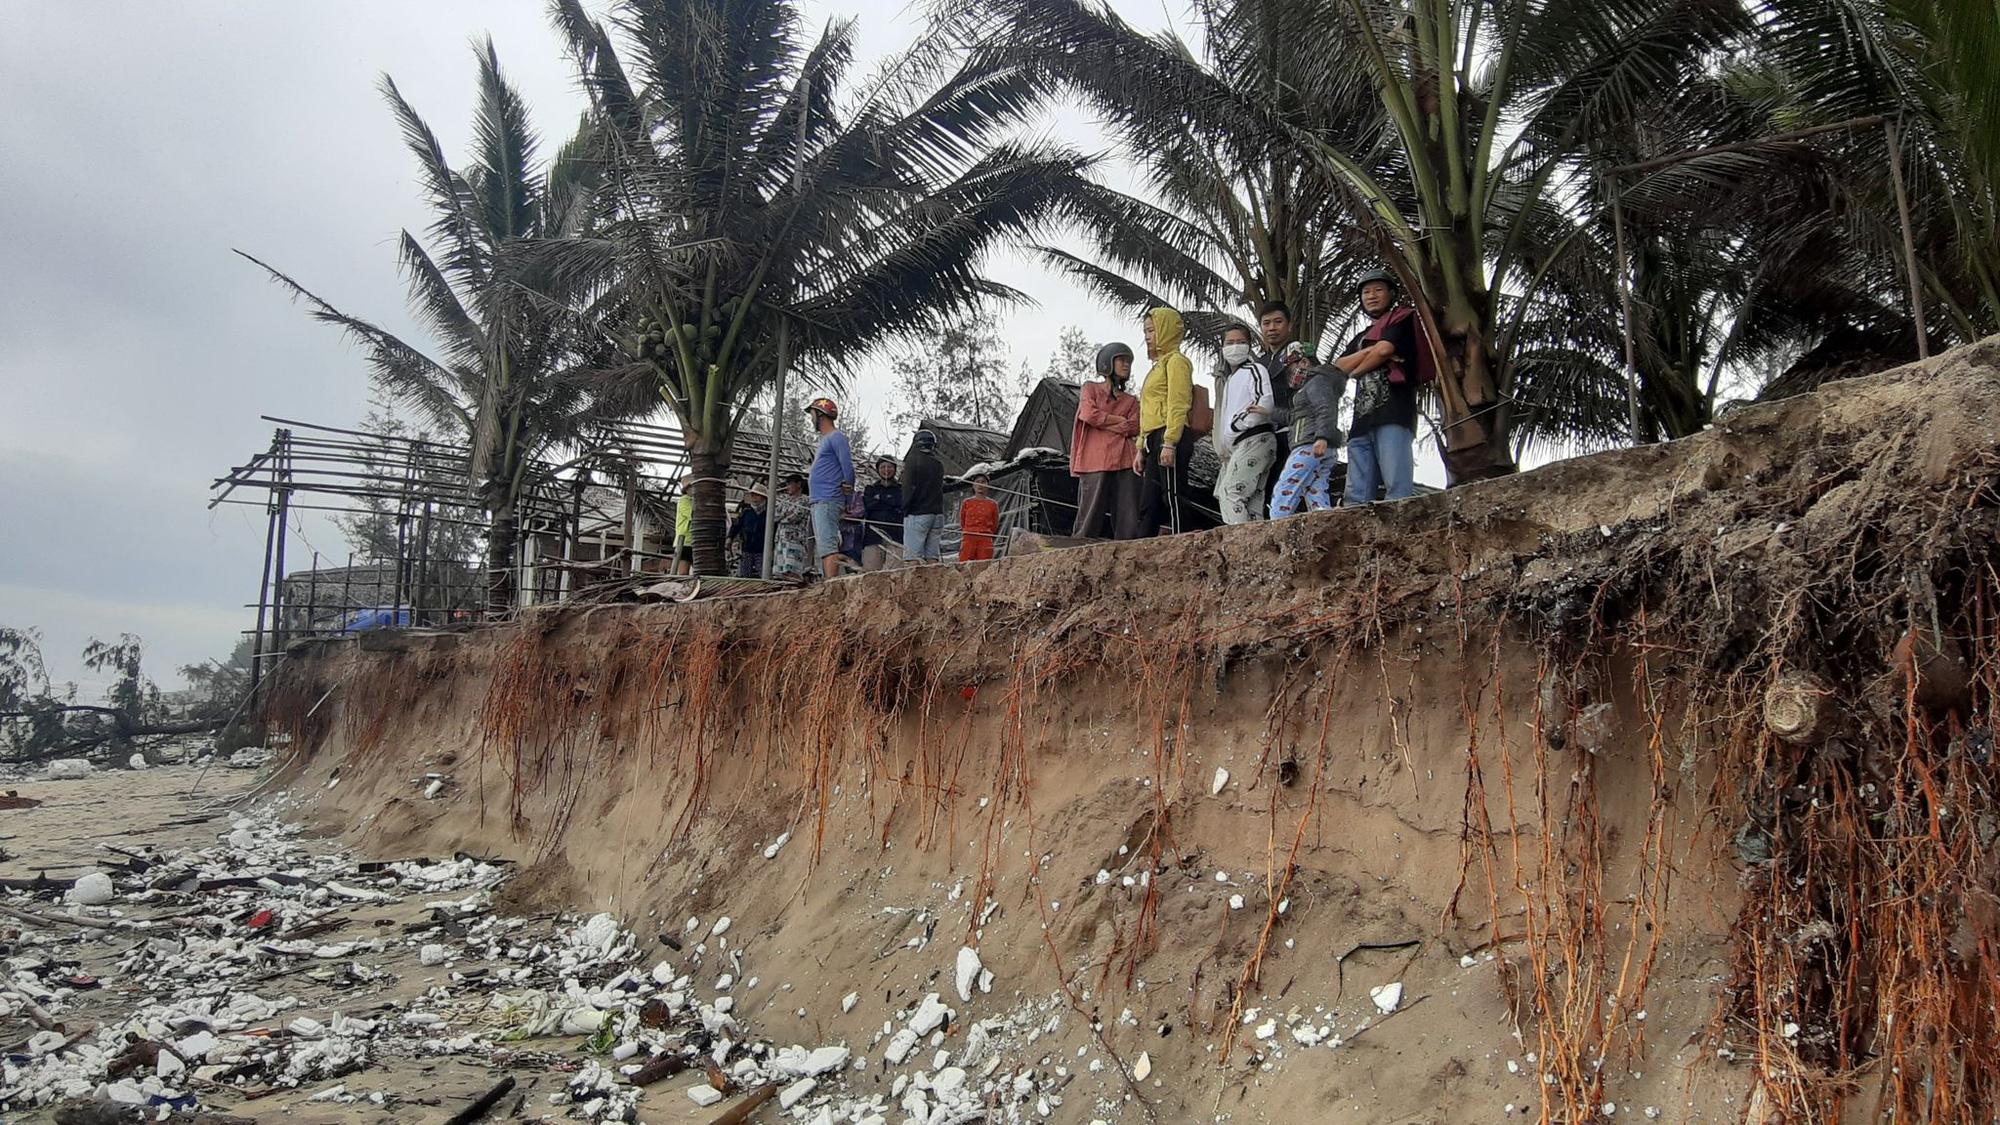 Ảnh hưởng bão số 13: Hàng chục nhà hàng ven biển An Bàng, Hội An bị đánh sập  - Ảnh 2.